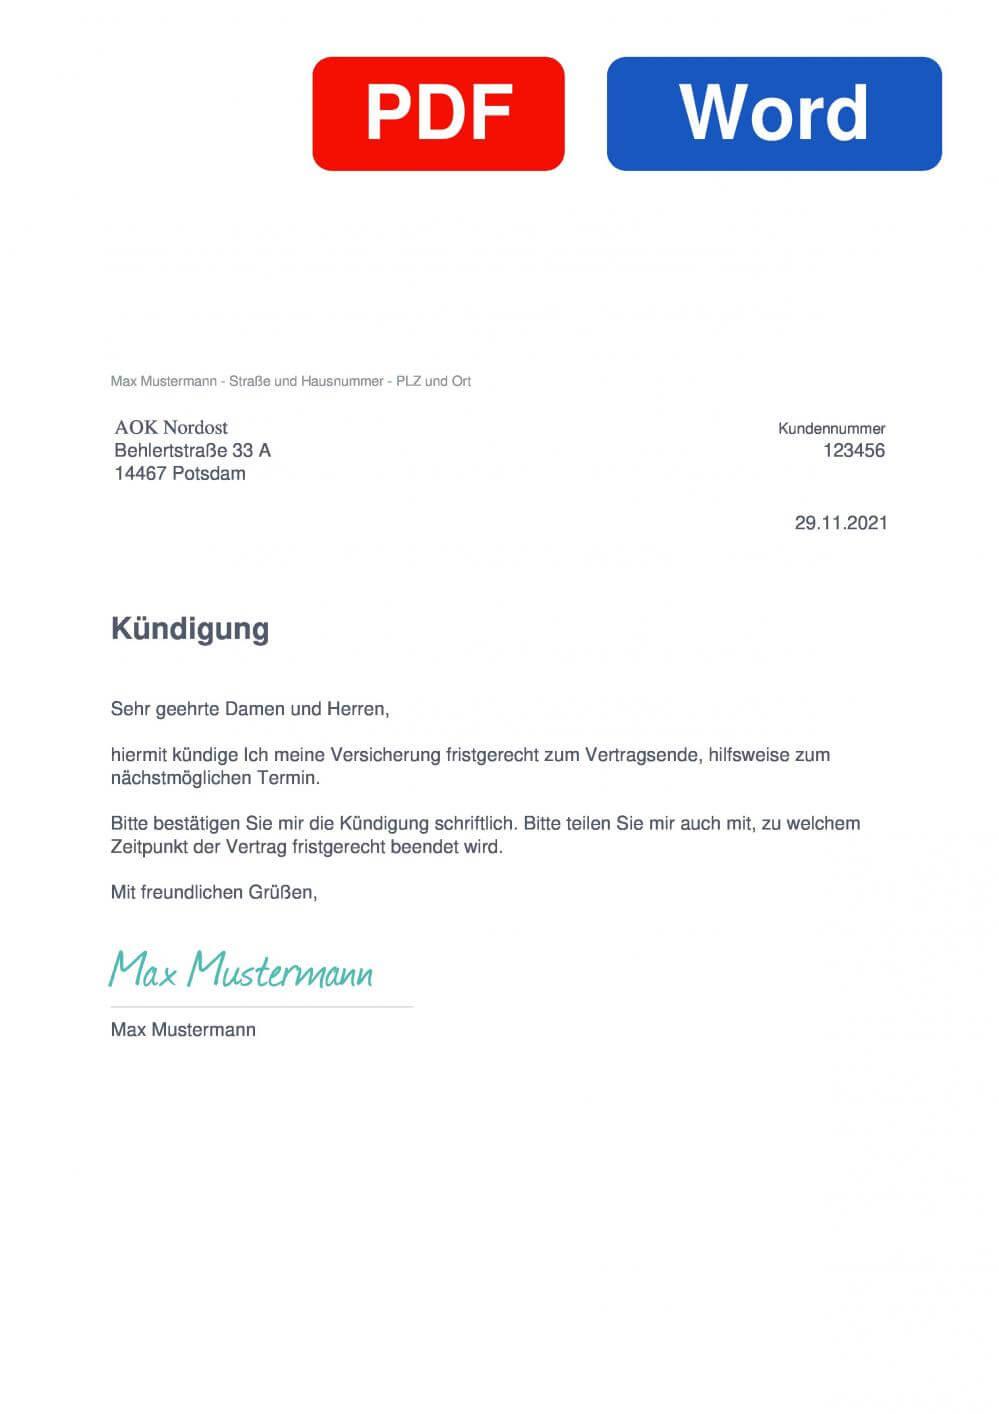 AOK Nordost Muster Vorlage für Kündigungsschreiben